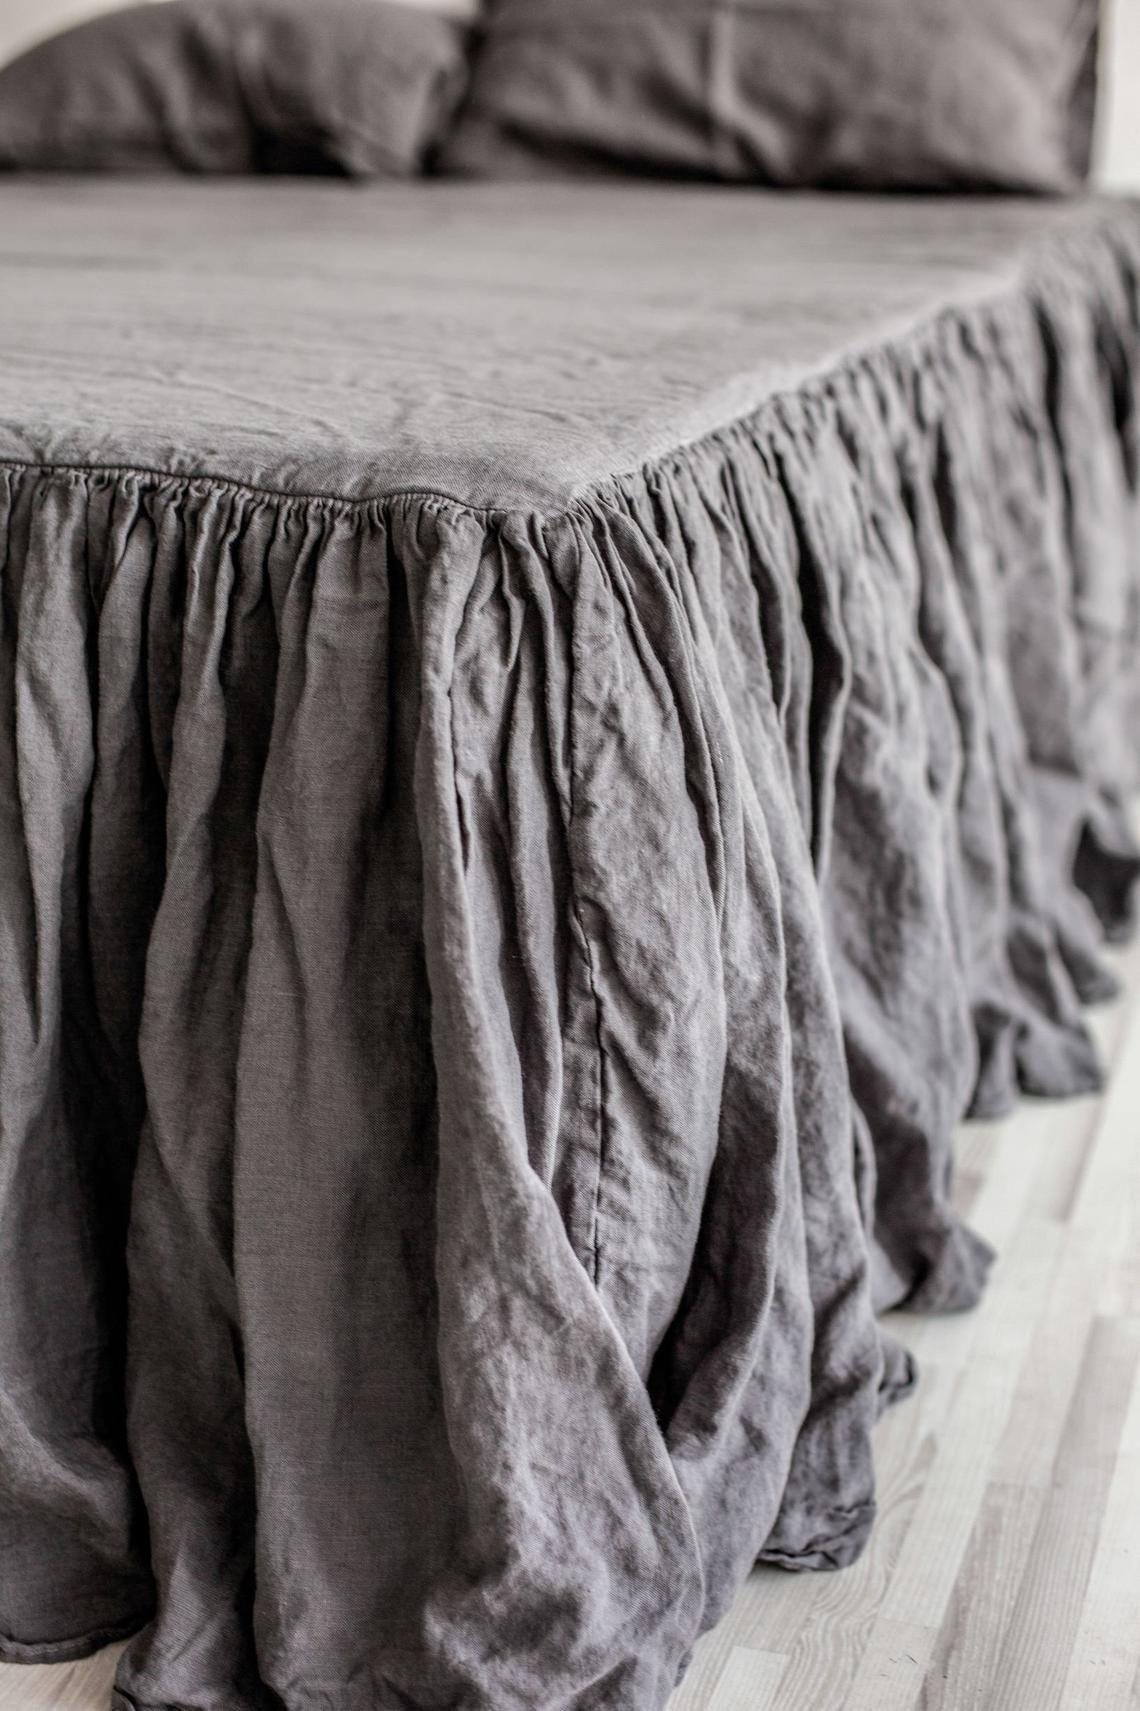 Linen Dust Ruffle Bed Skirt European Flax Natural Linen Twin